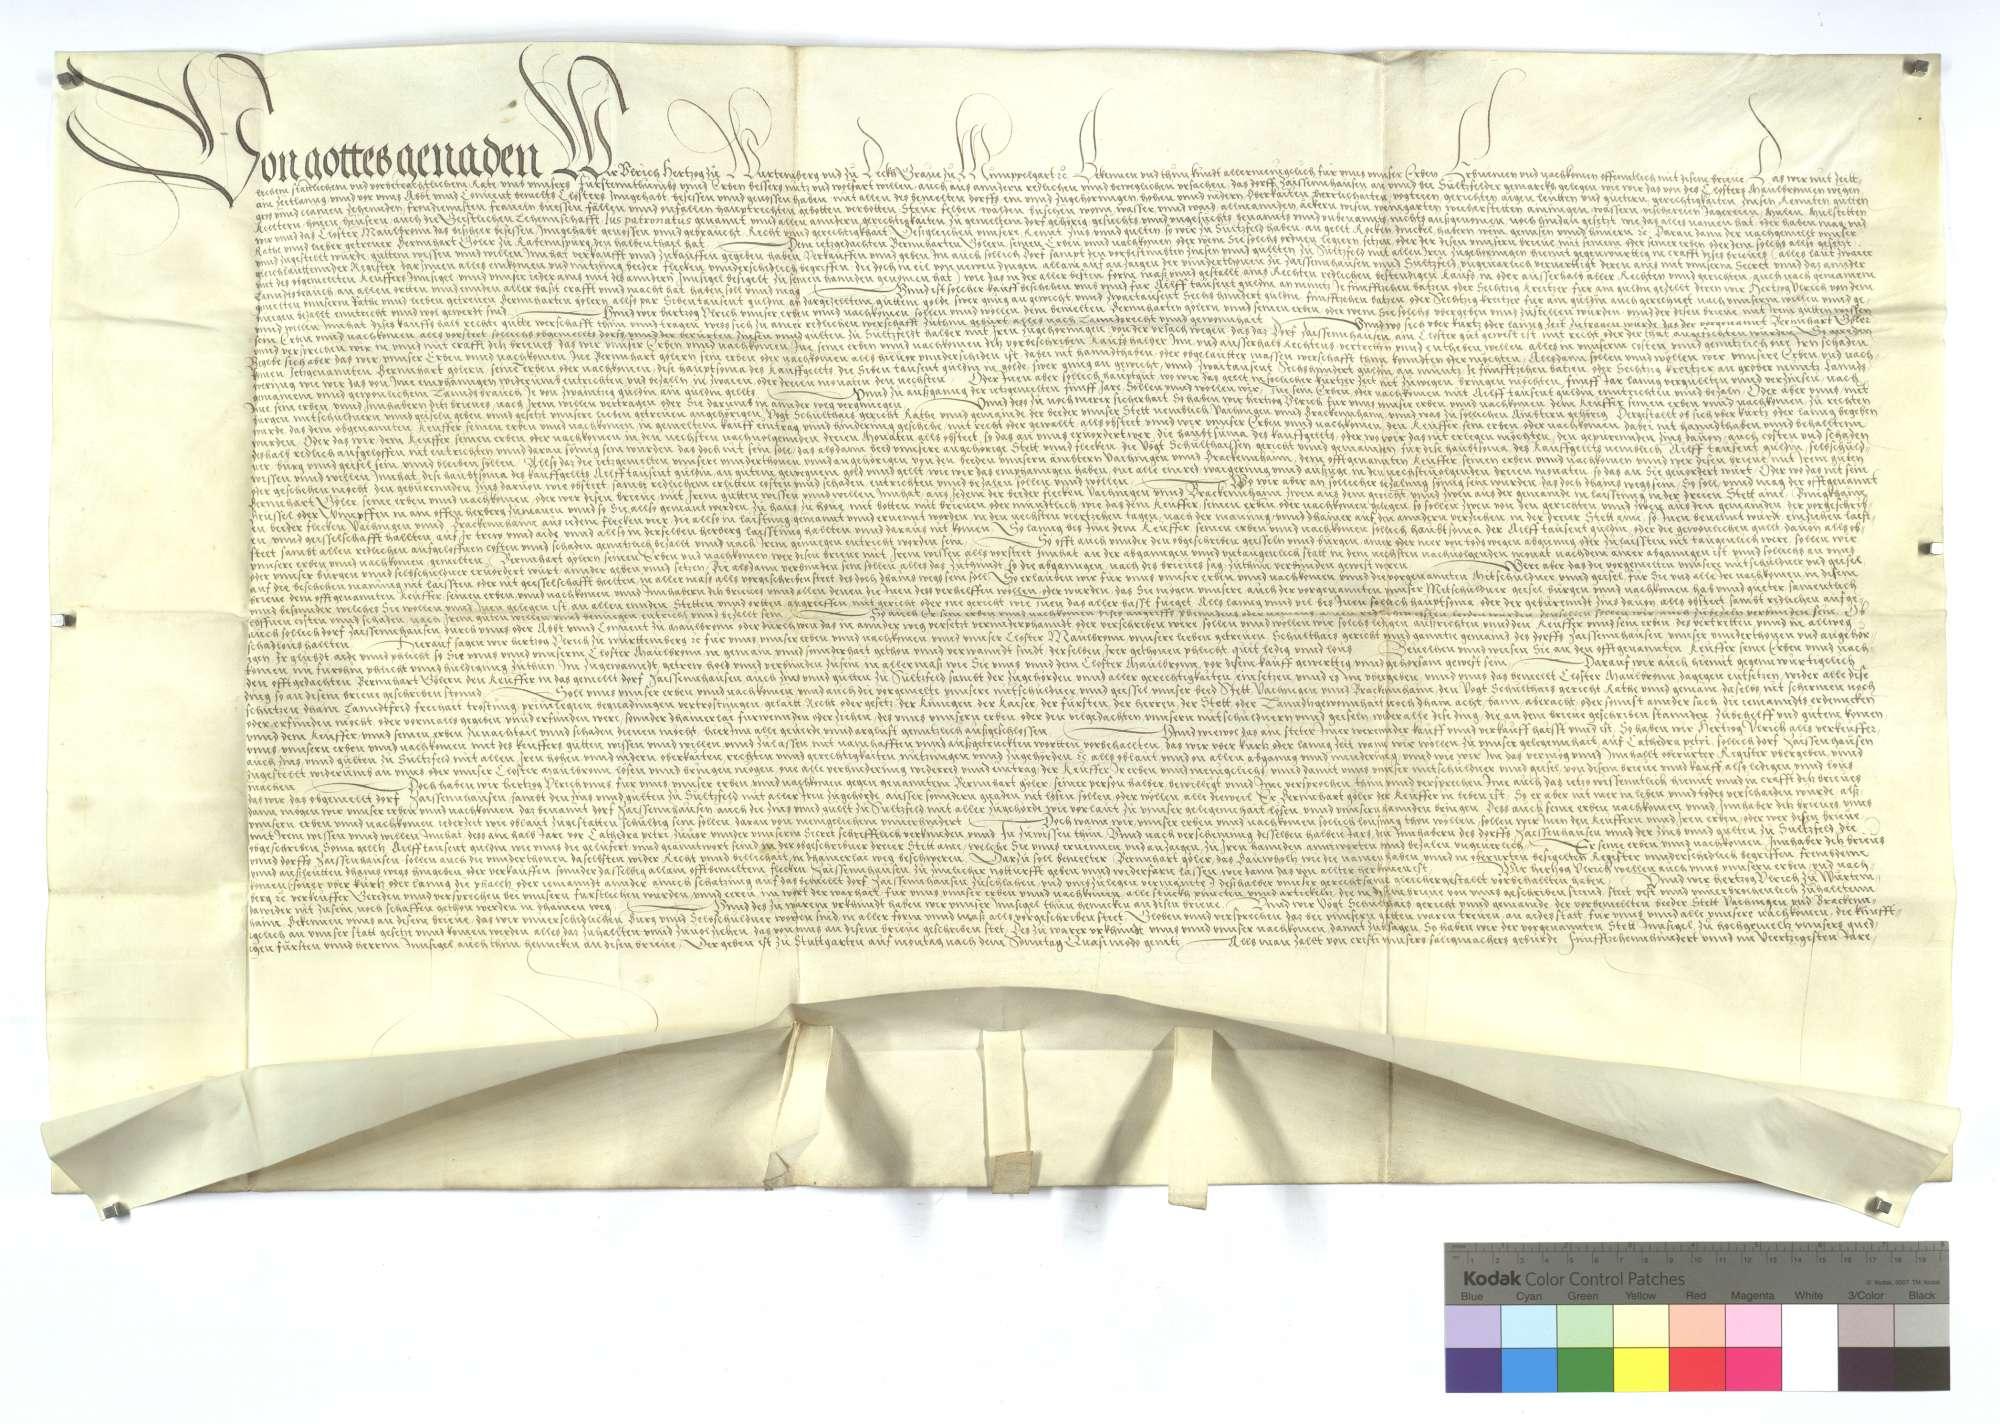 Herzog Ulrich von Württemberg (Wirtemberg) verkauft das Dorf Zaisenhausen samt dem Zins und Gülten in Sulzfeld an Bernhard Göler von Ravensburg (Ravensperg) um 11.000 Gulden auf Wiederlösung., Text